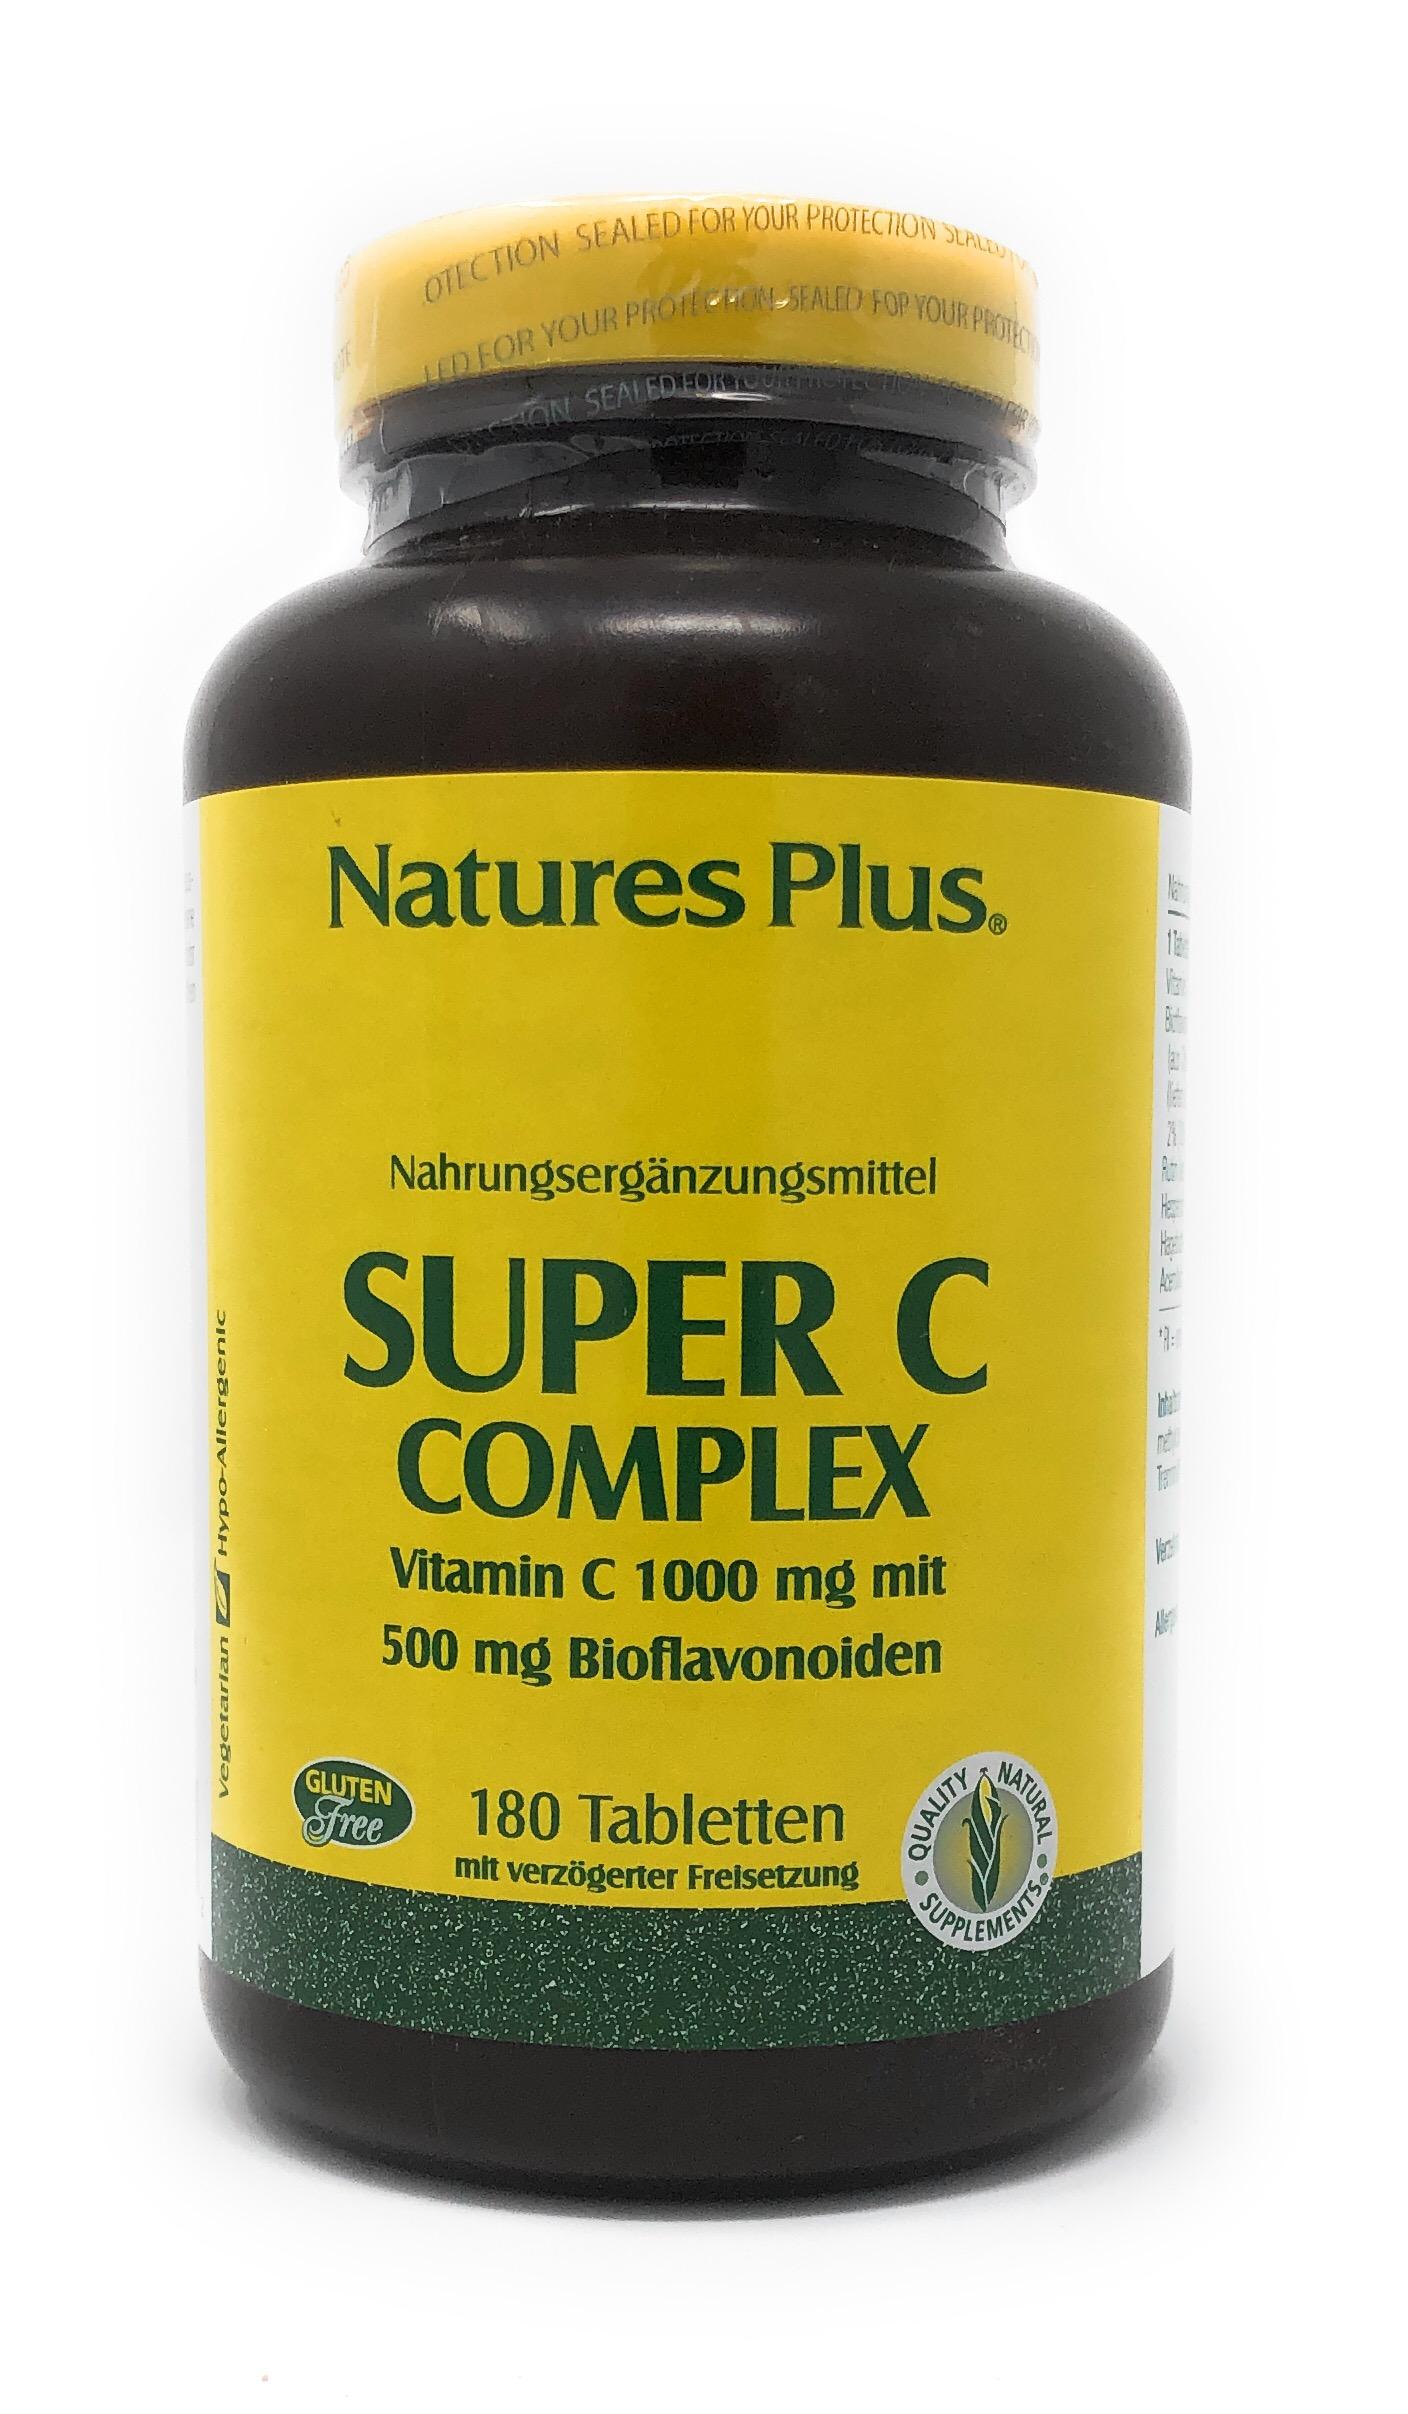 Natures Plus Super C Complex 1000mg S/R 180 Tabletten (404g)